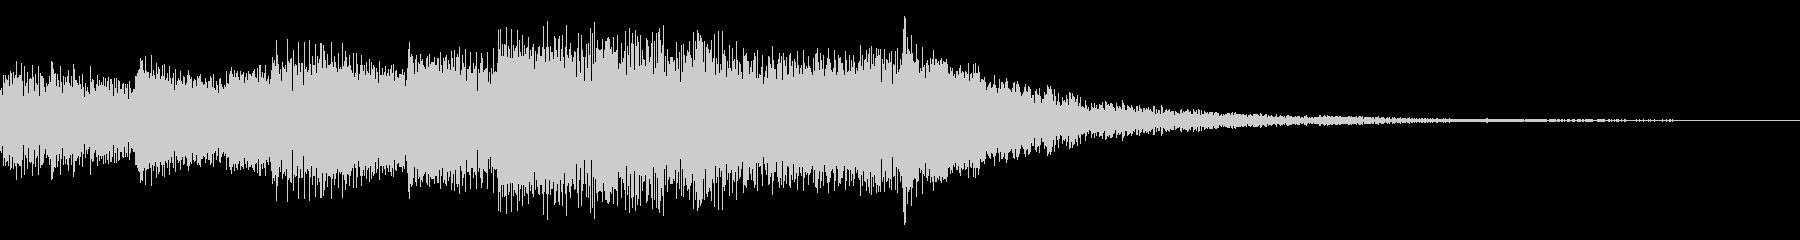 マリンバ&シンセのサウンドロゴ/ジングルの未再生の波形